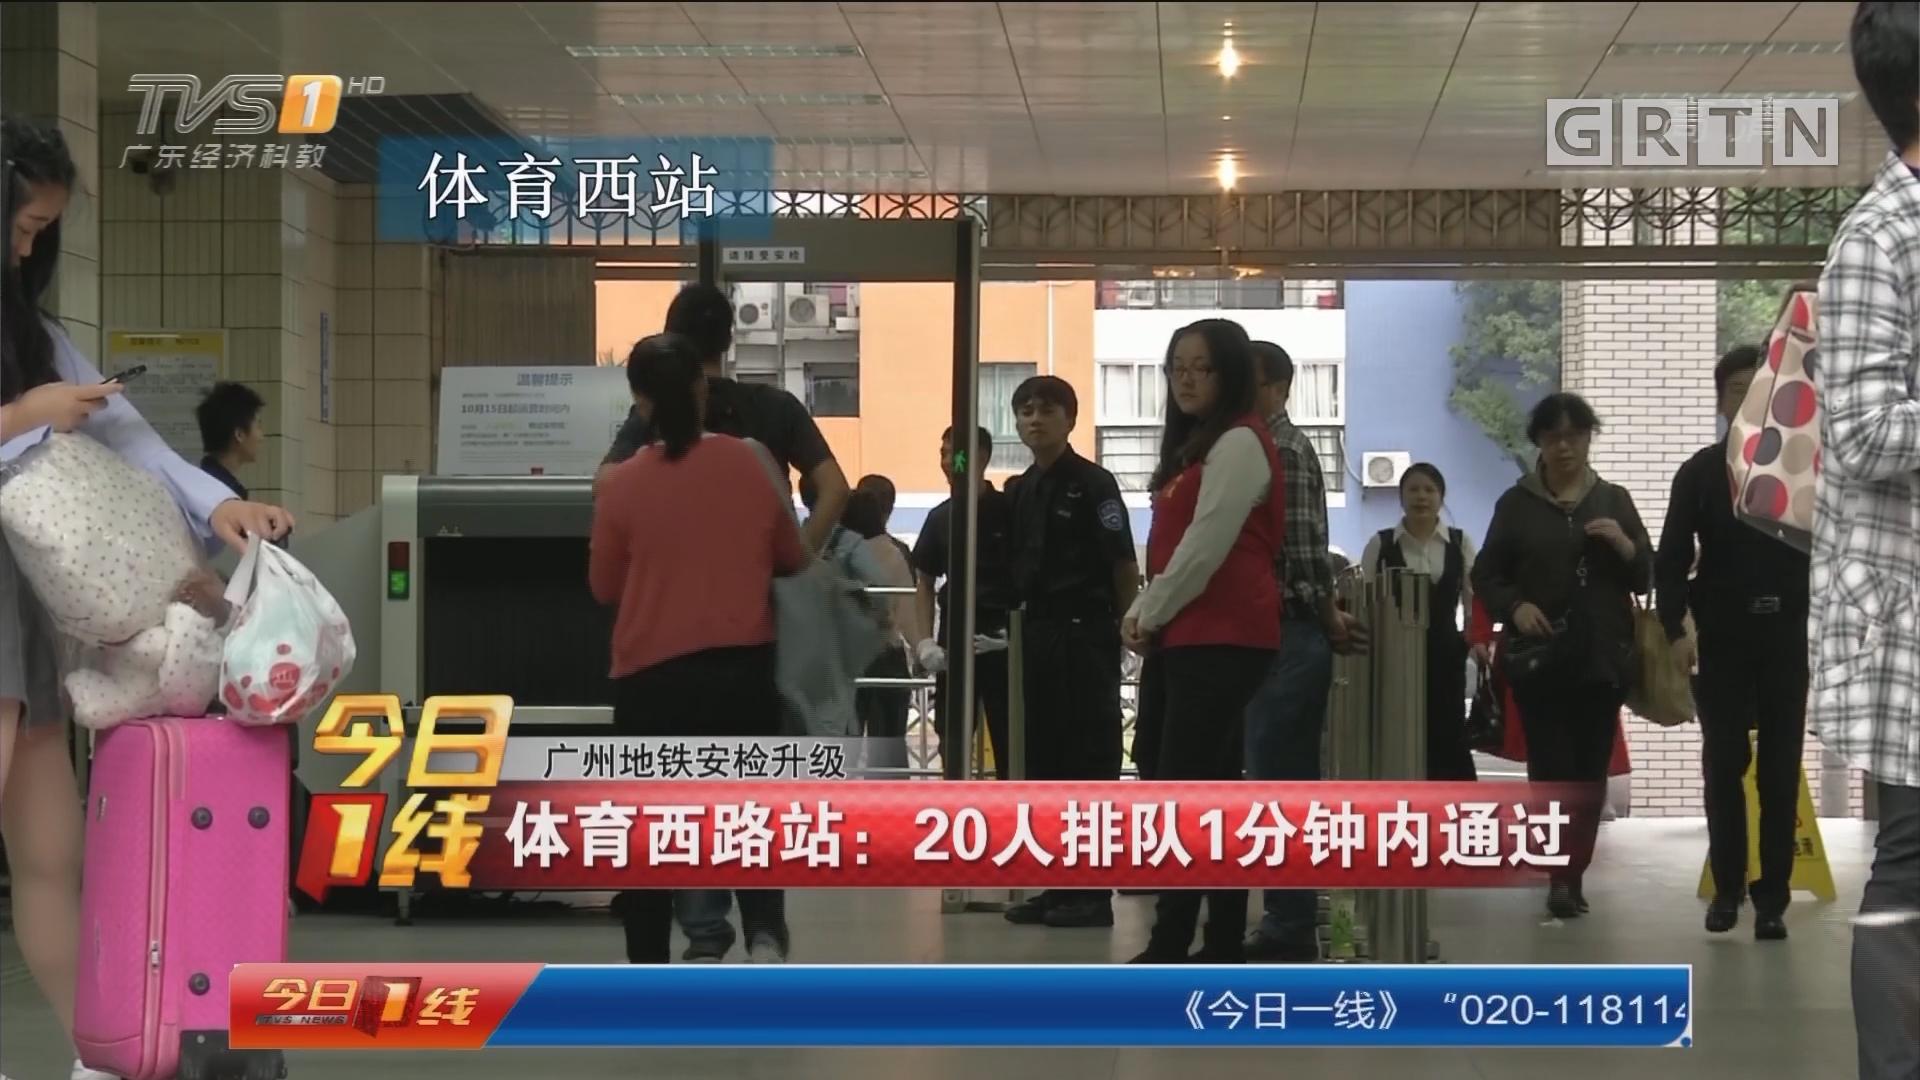 广州地铁安检升级 体育西路站:20人排队1分钟内通过